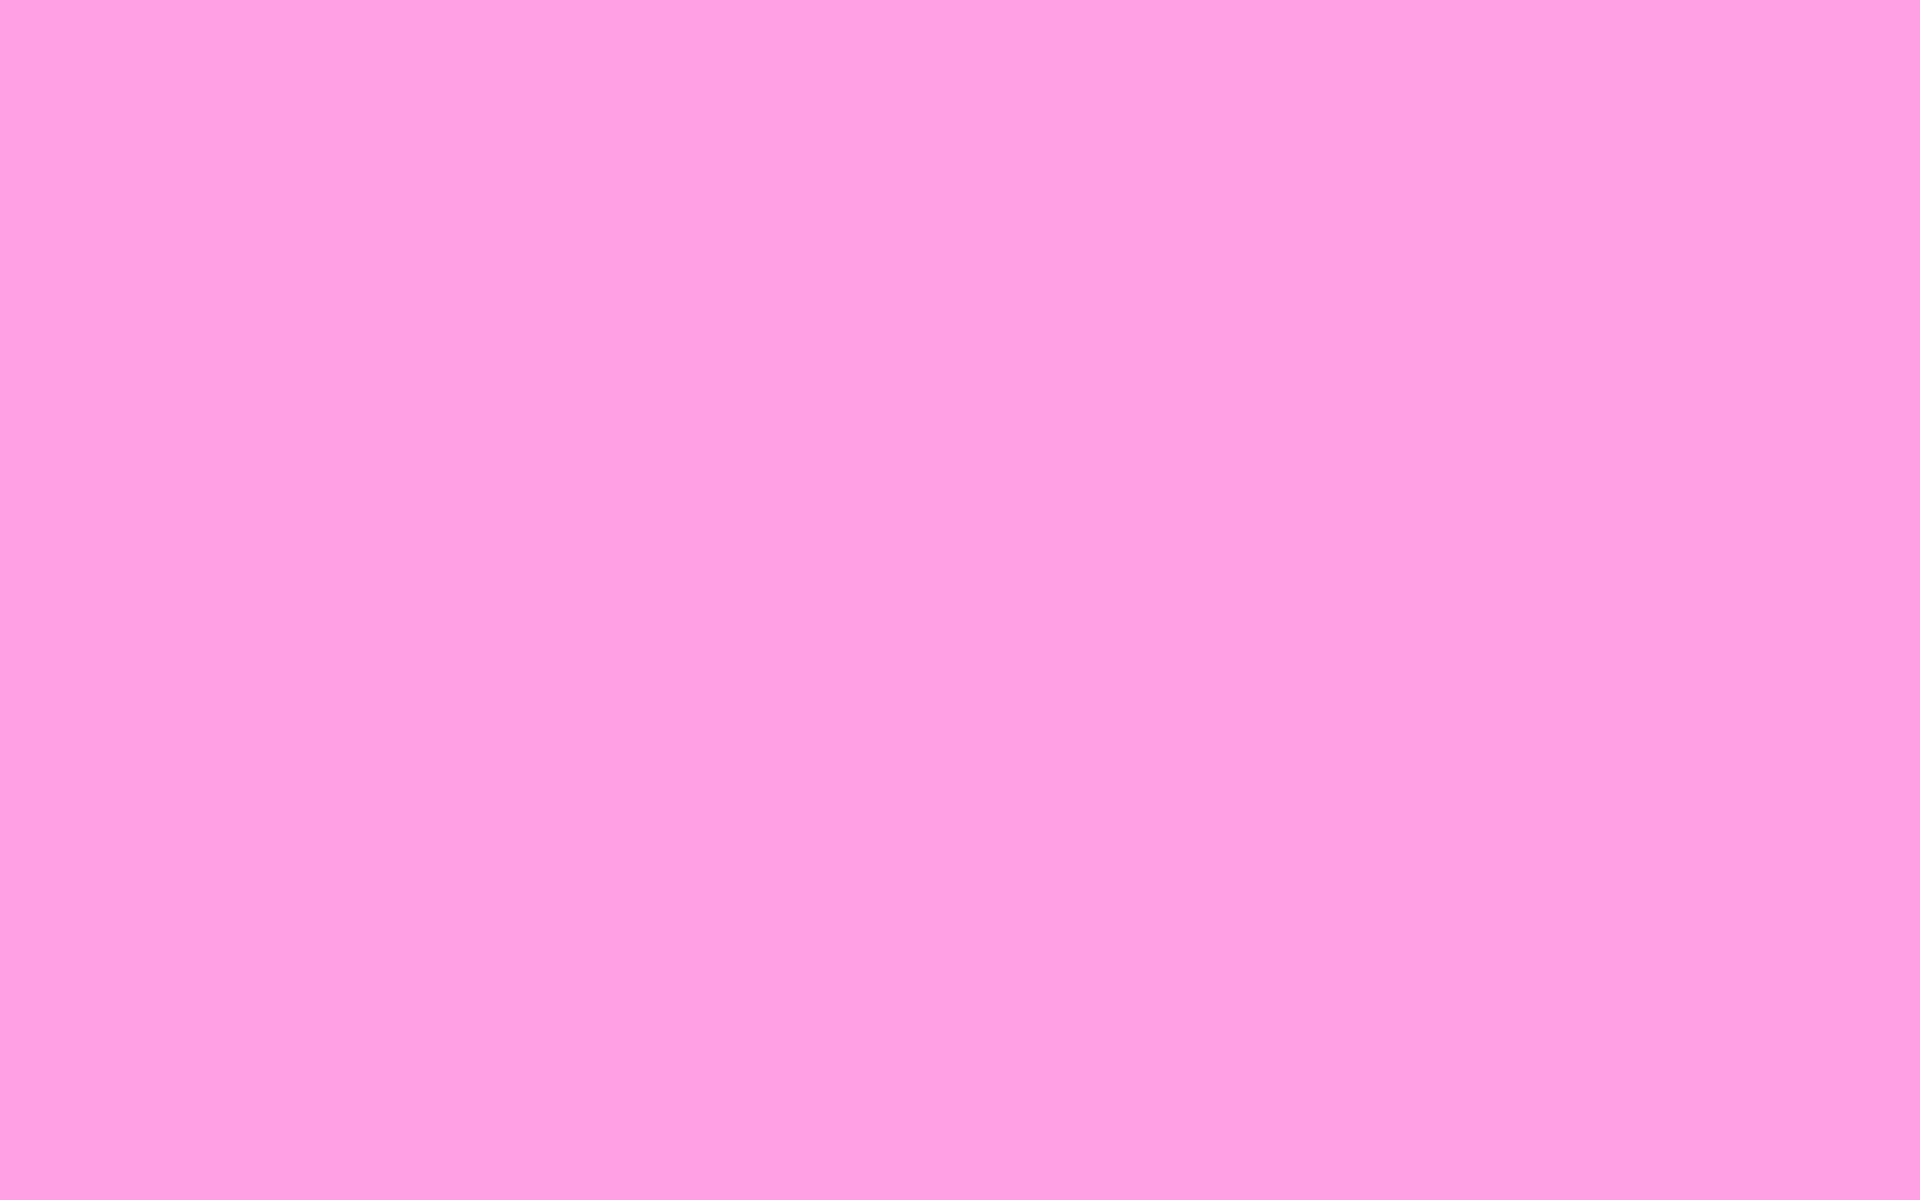 1920x1200 Lavender Rose Solid Color Background